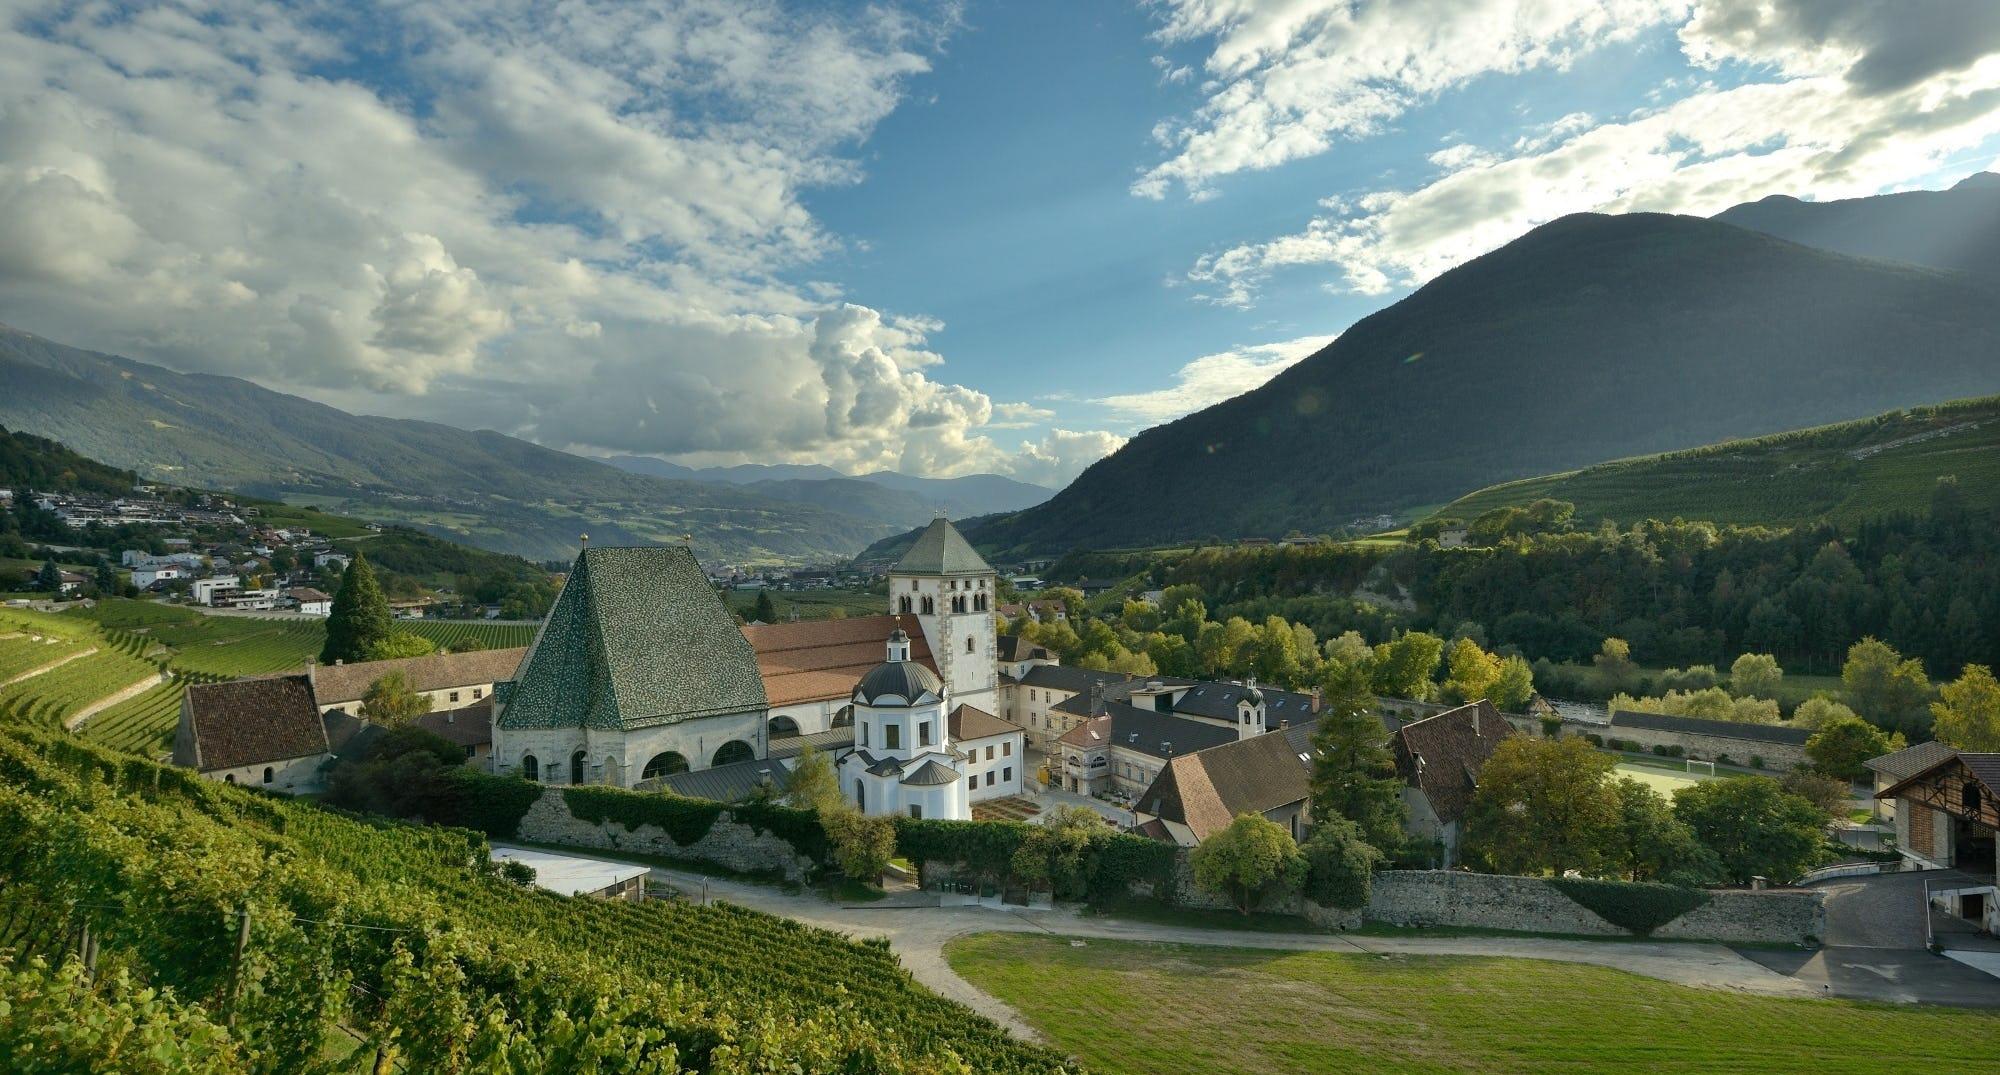 Weinreise Suedtirol Kloster Georg Bühler